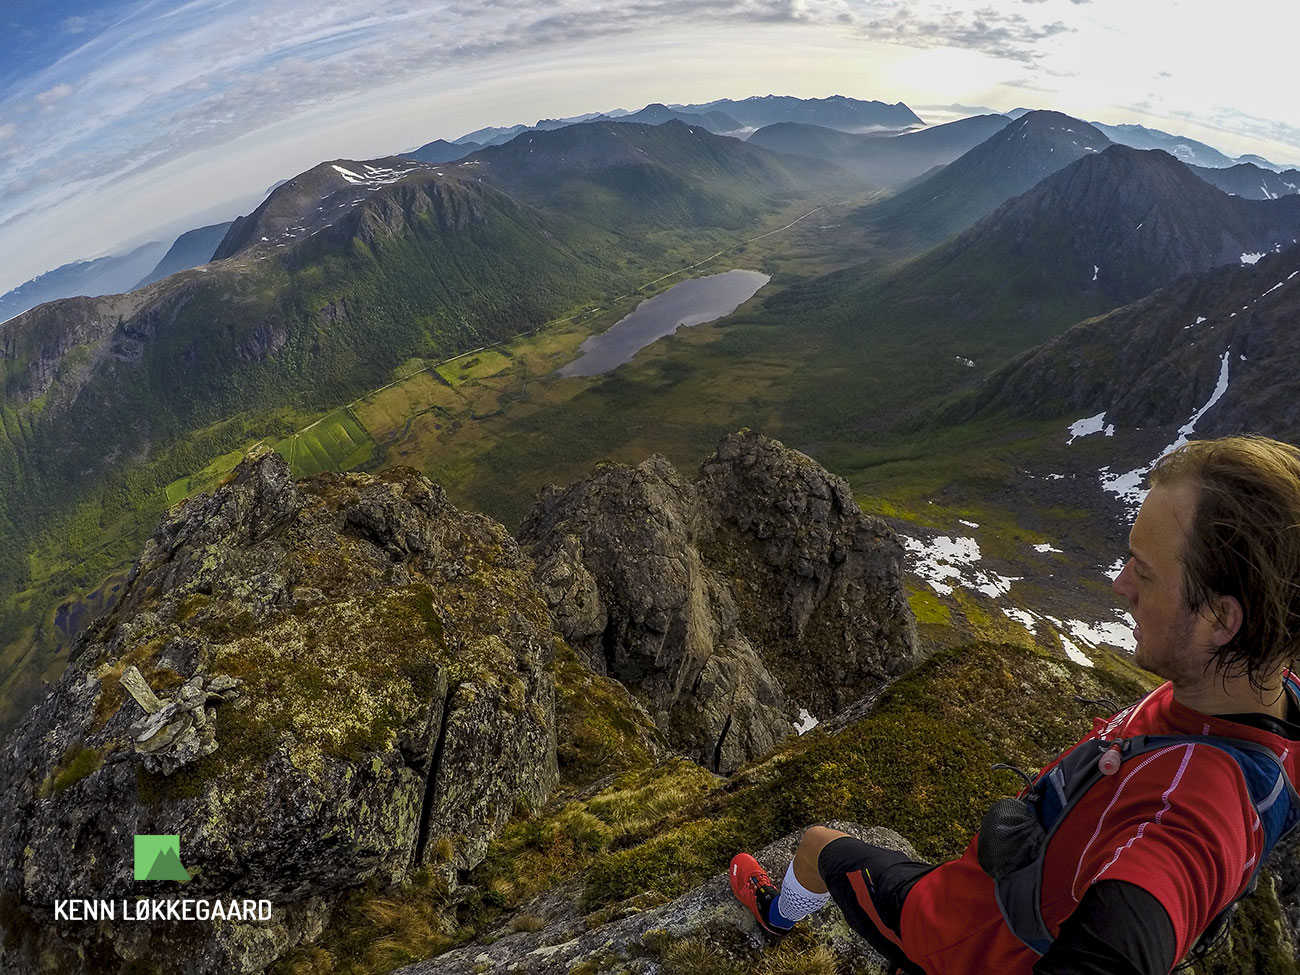 Blåheia trailløb Kenn Løkkegaard